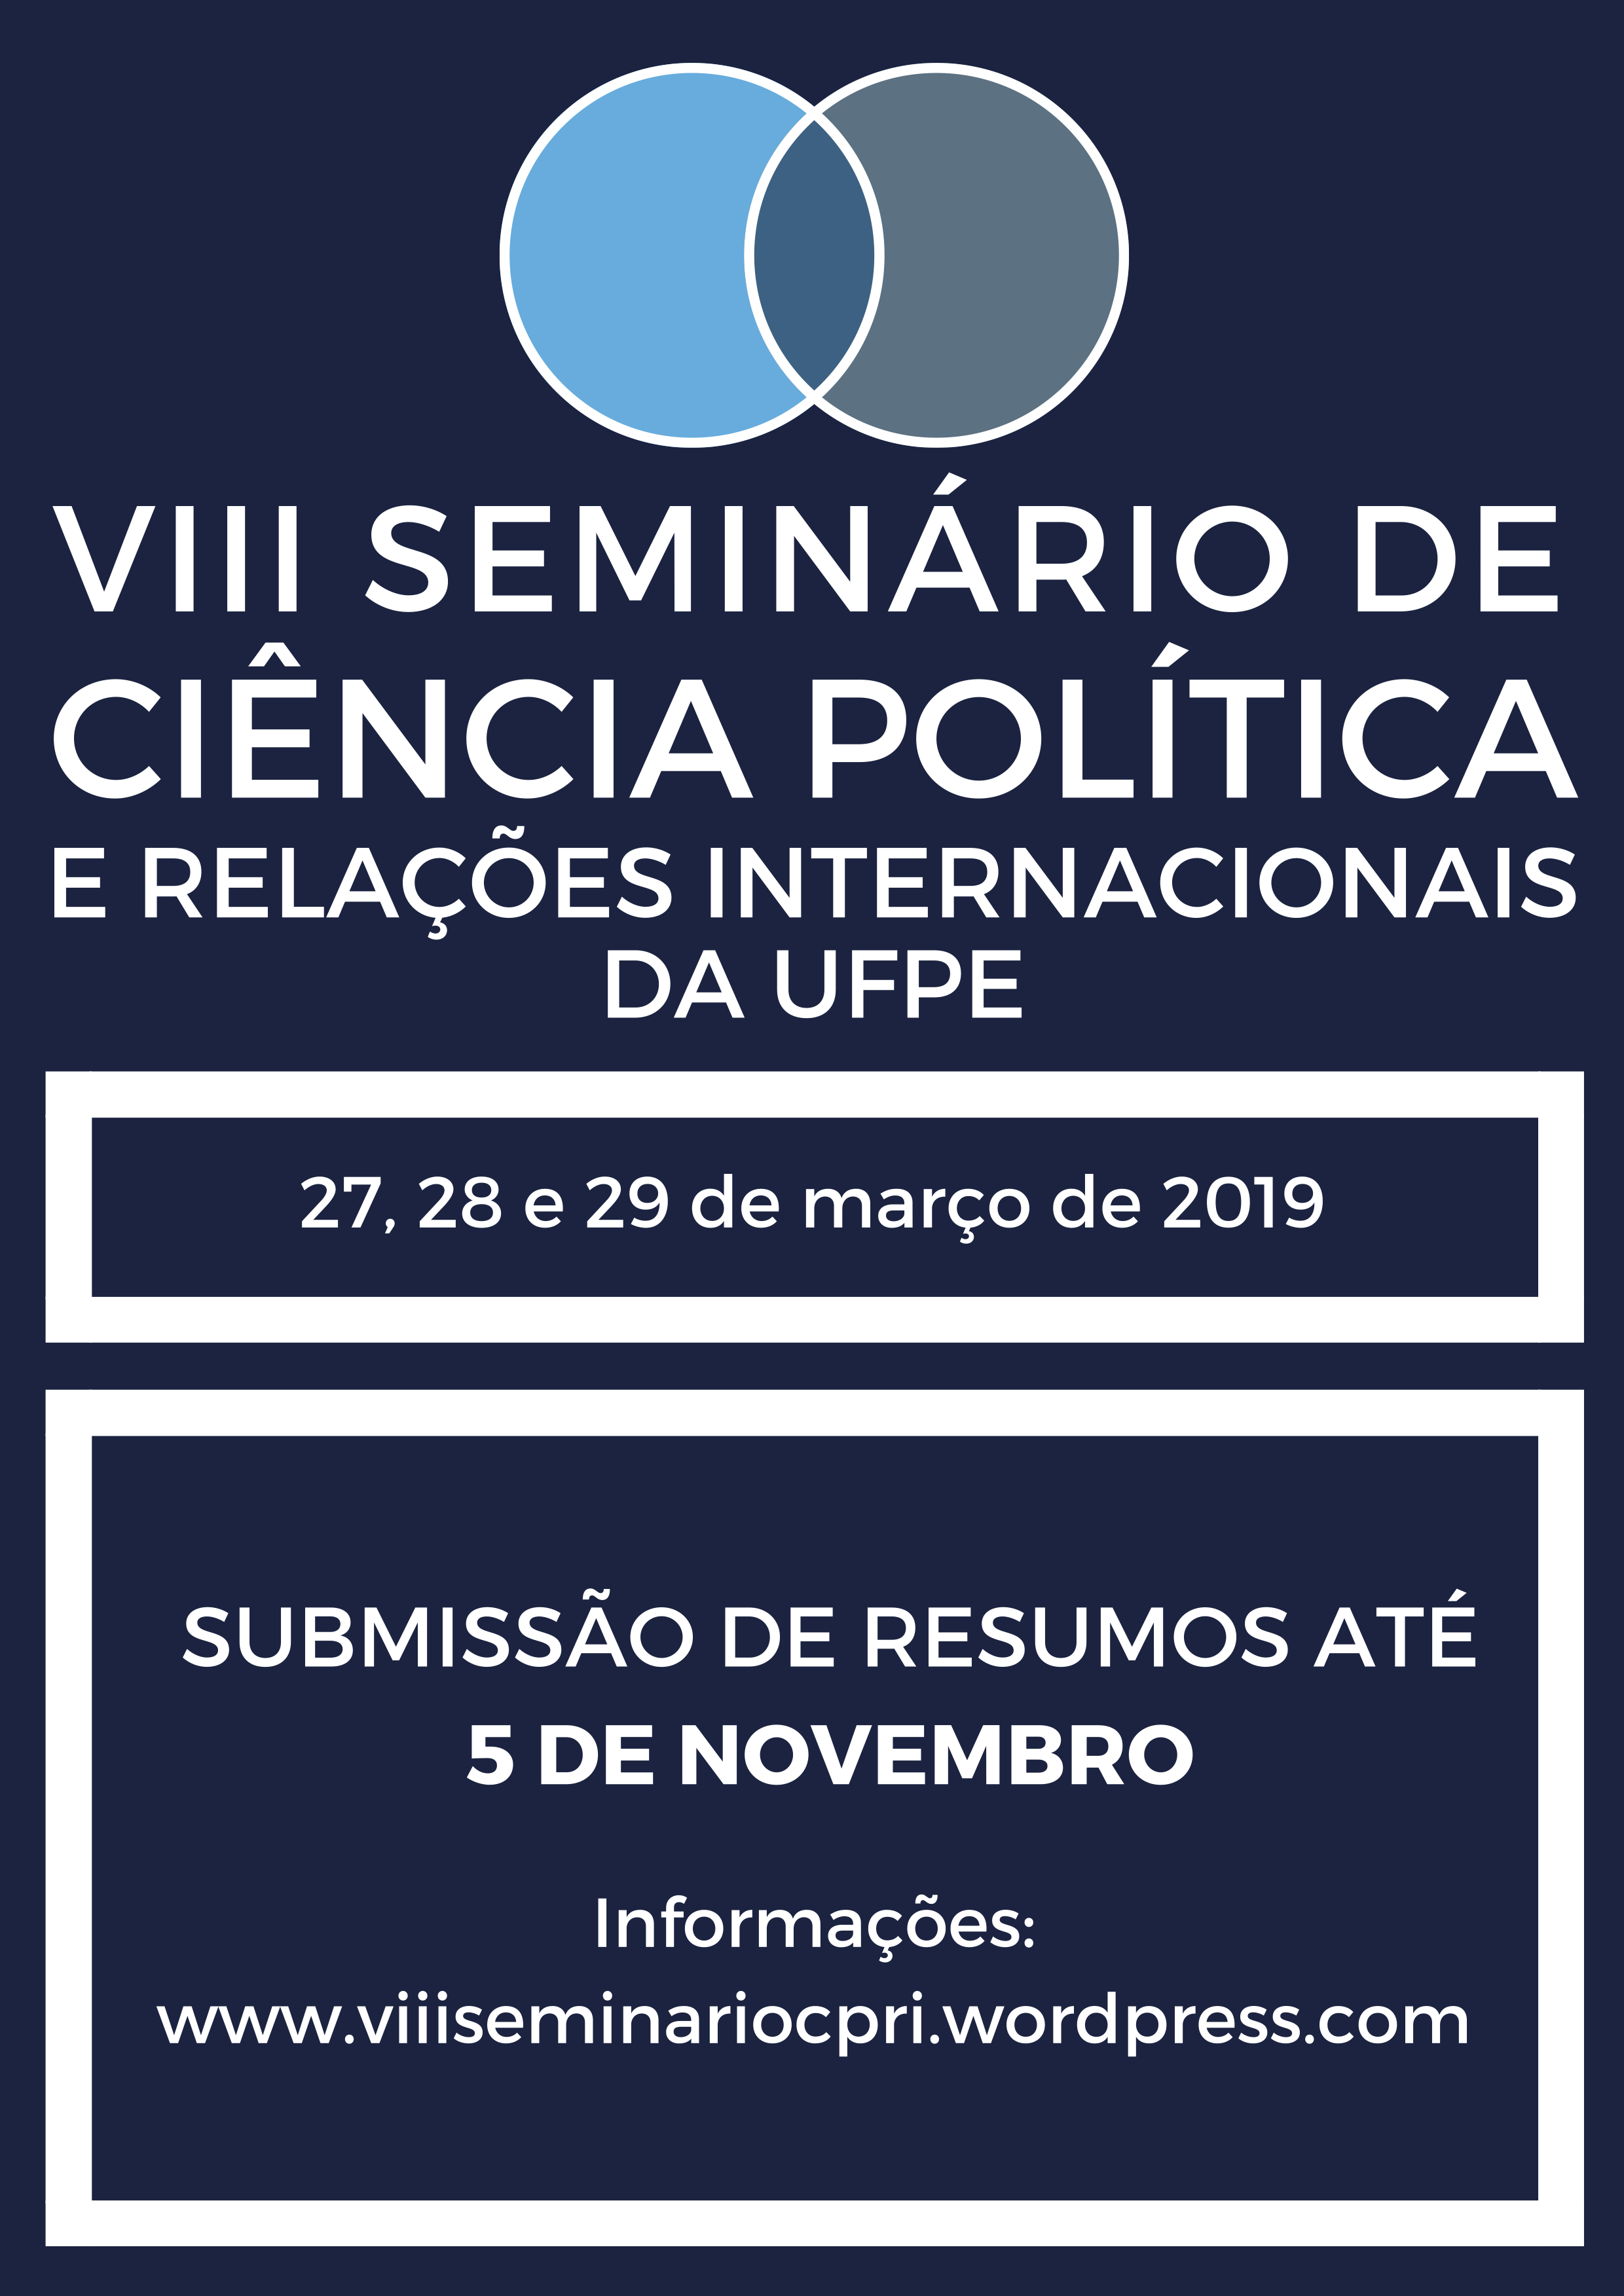 VIII Seminário de Ciência Política e RI UFPE